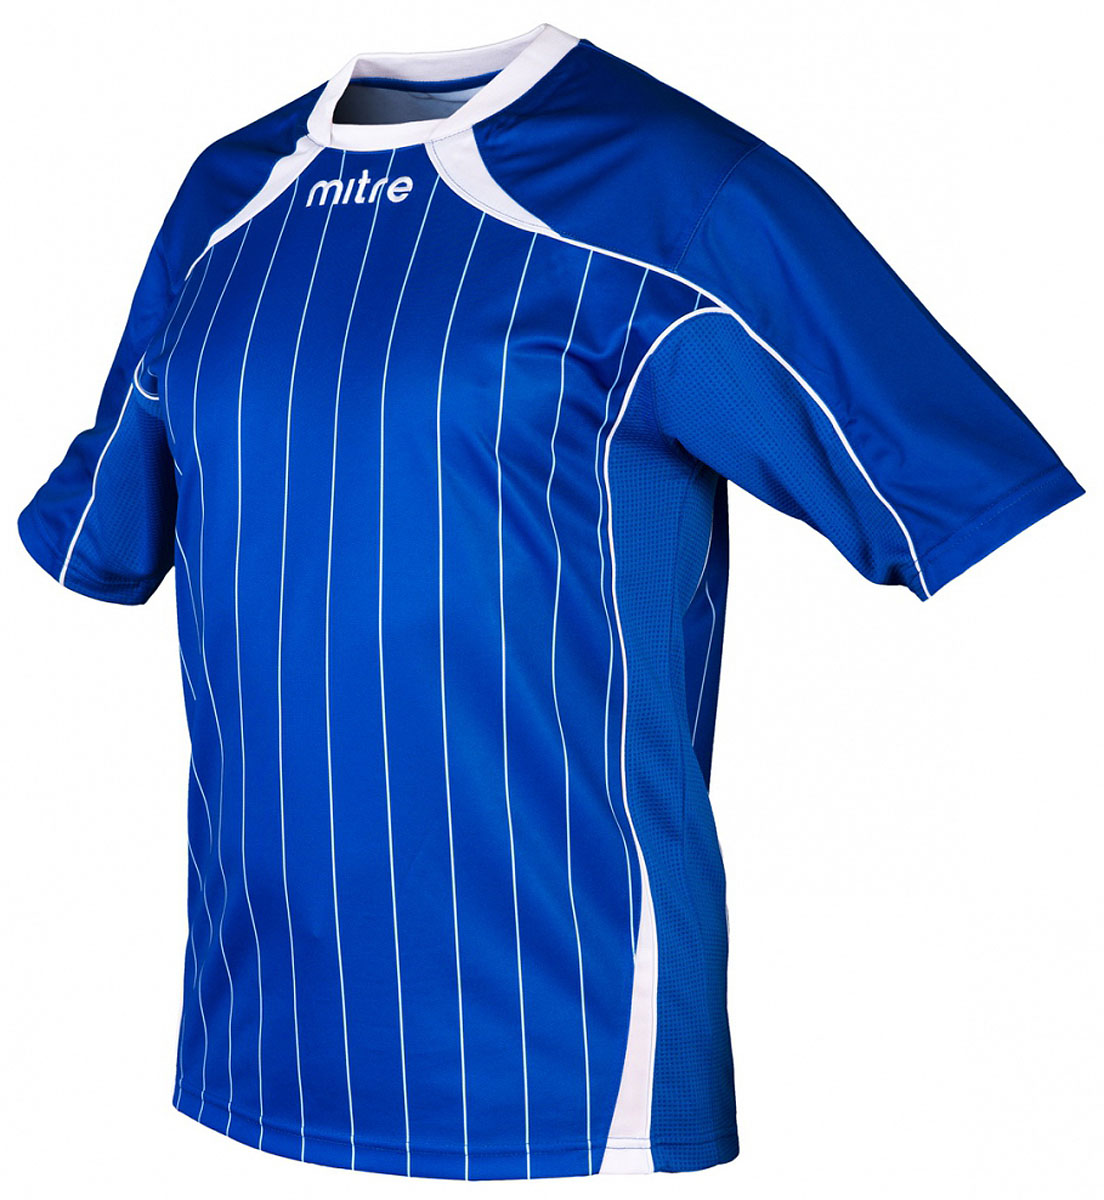 Футболка для мальчика Mitre, цвет: синий. 5T40051BRH2. Размер 134 футболка мужская mitre цвет голубой 5t40033mscb размер l 50 52